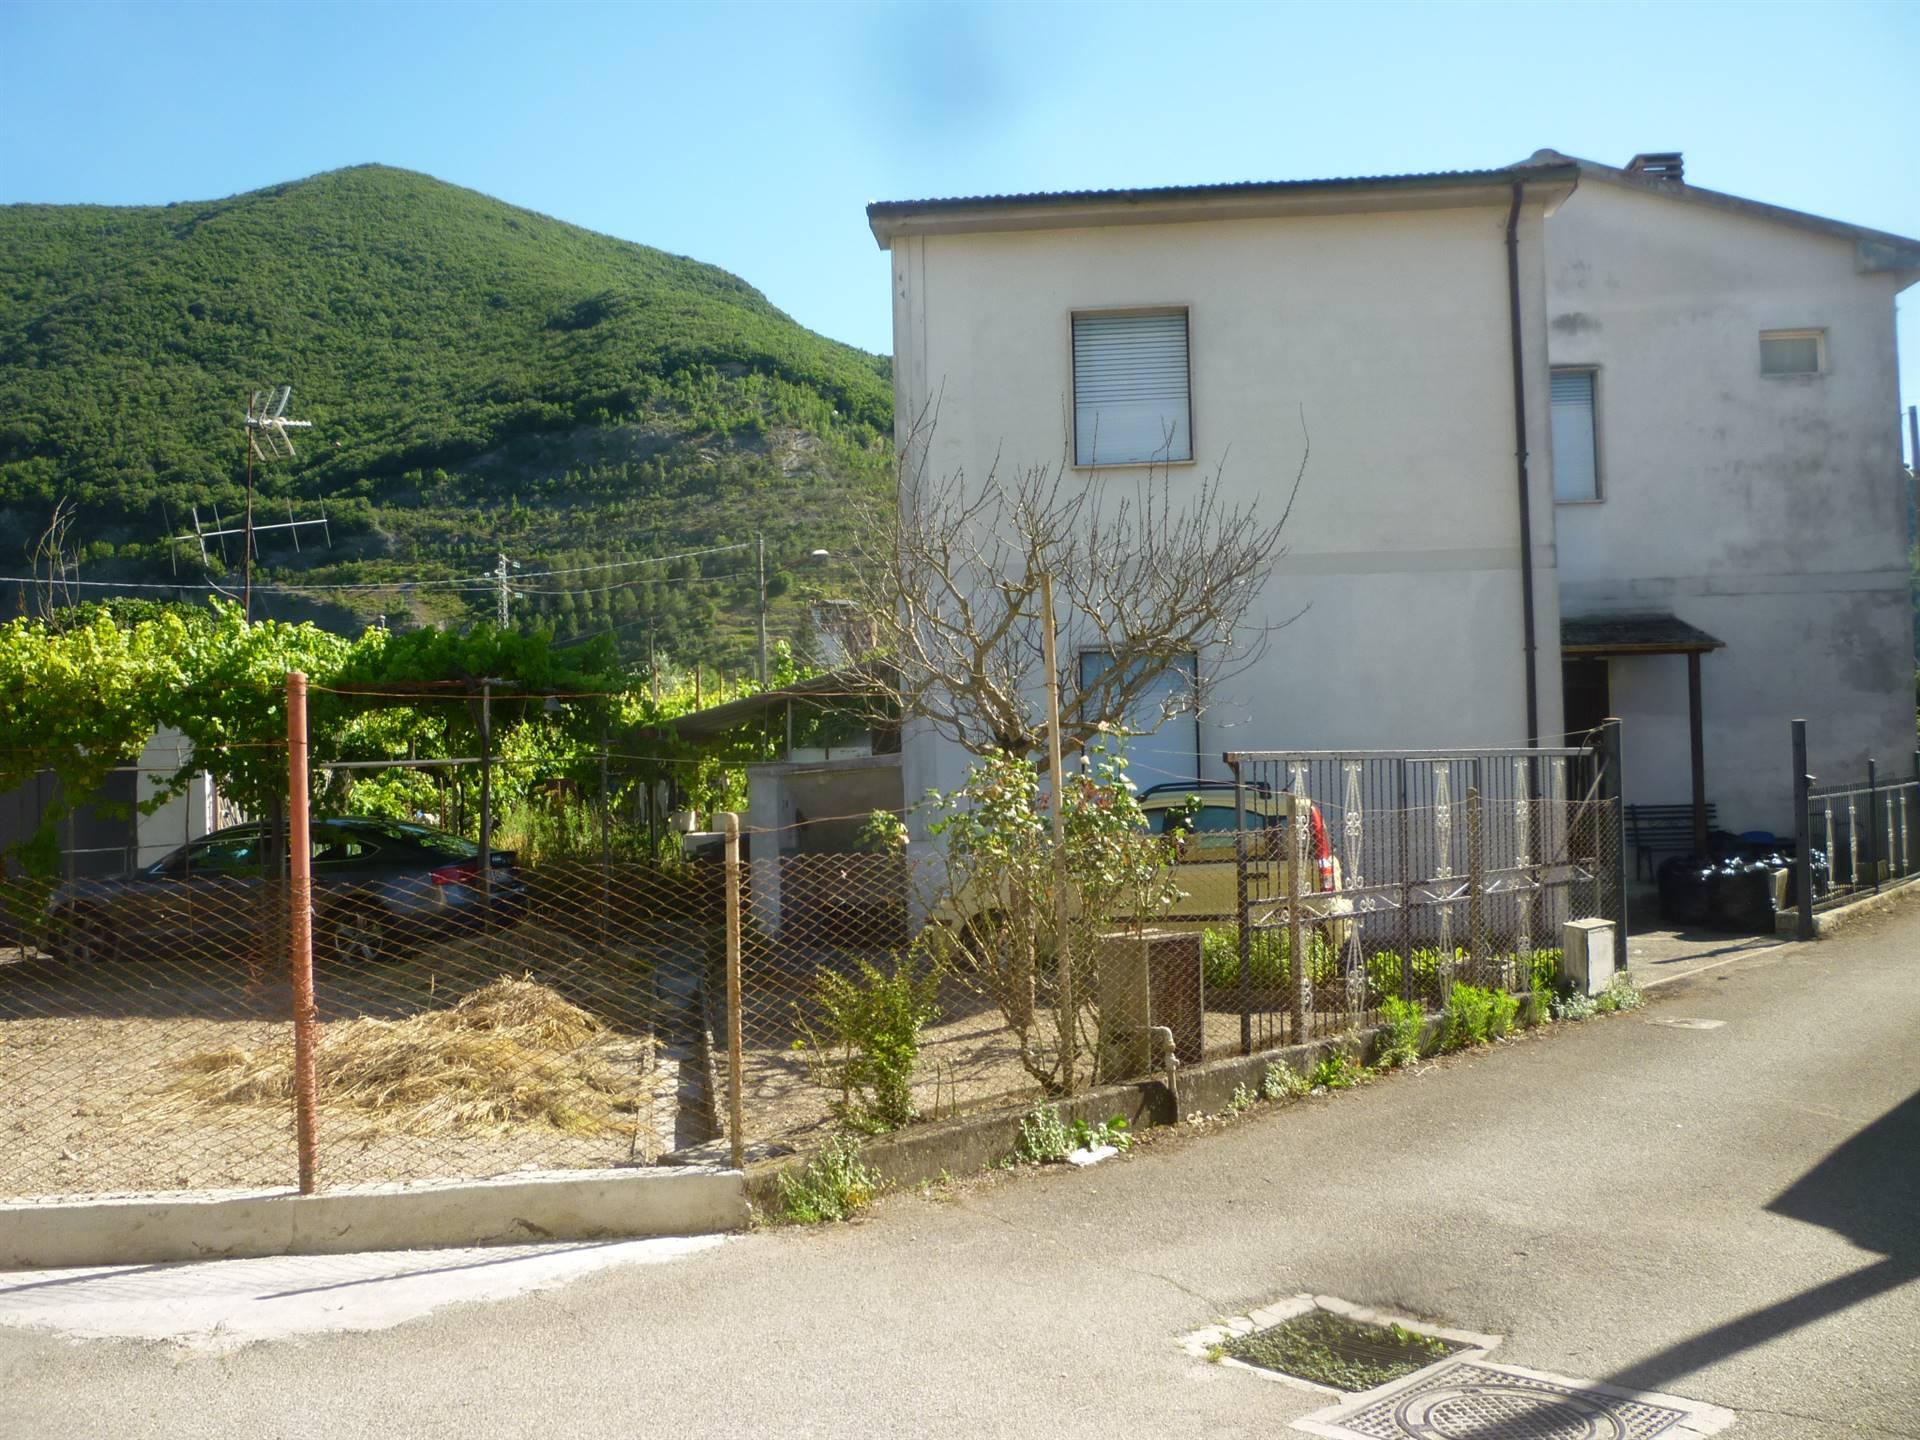 Soluzione Indipendente in affitto a Terni, 4 locali, zona Zona: Marmore, prezzo € 320 | CambioCasa.it